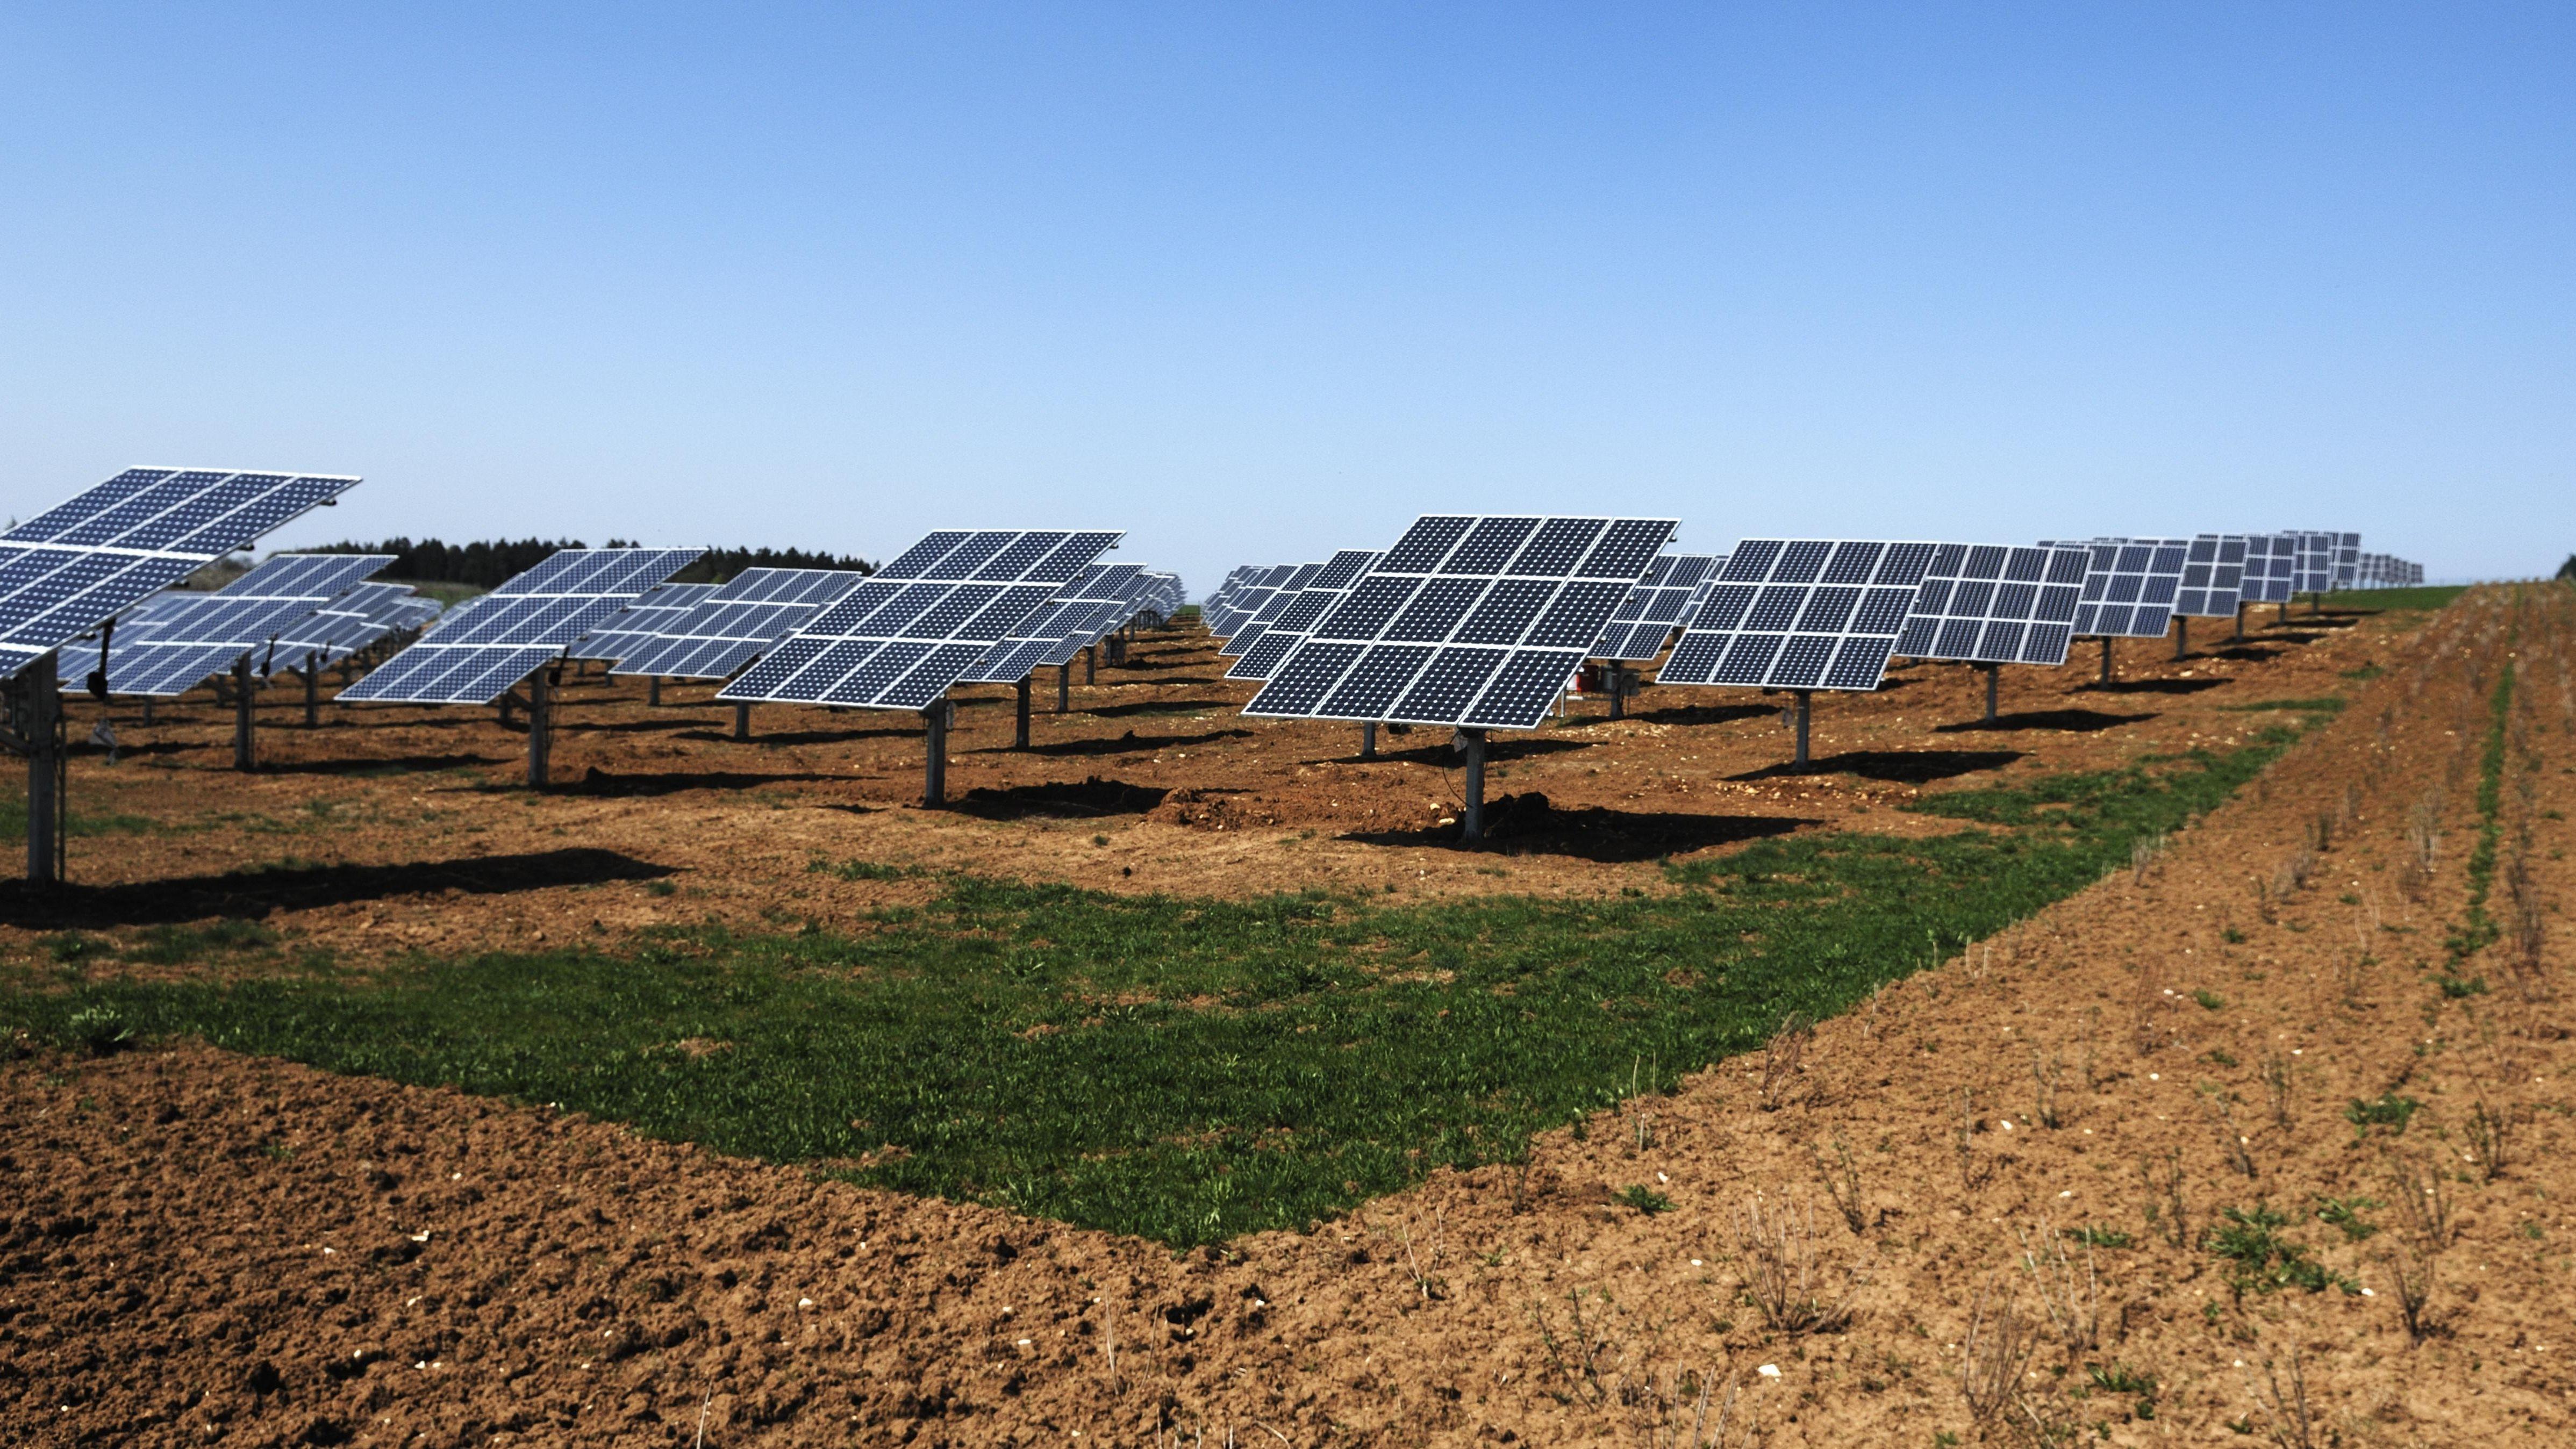 Photovoltaik-Anlage auf einem Feld in Oberrüsselbach, Oberfranken